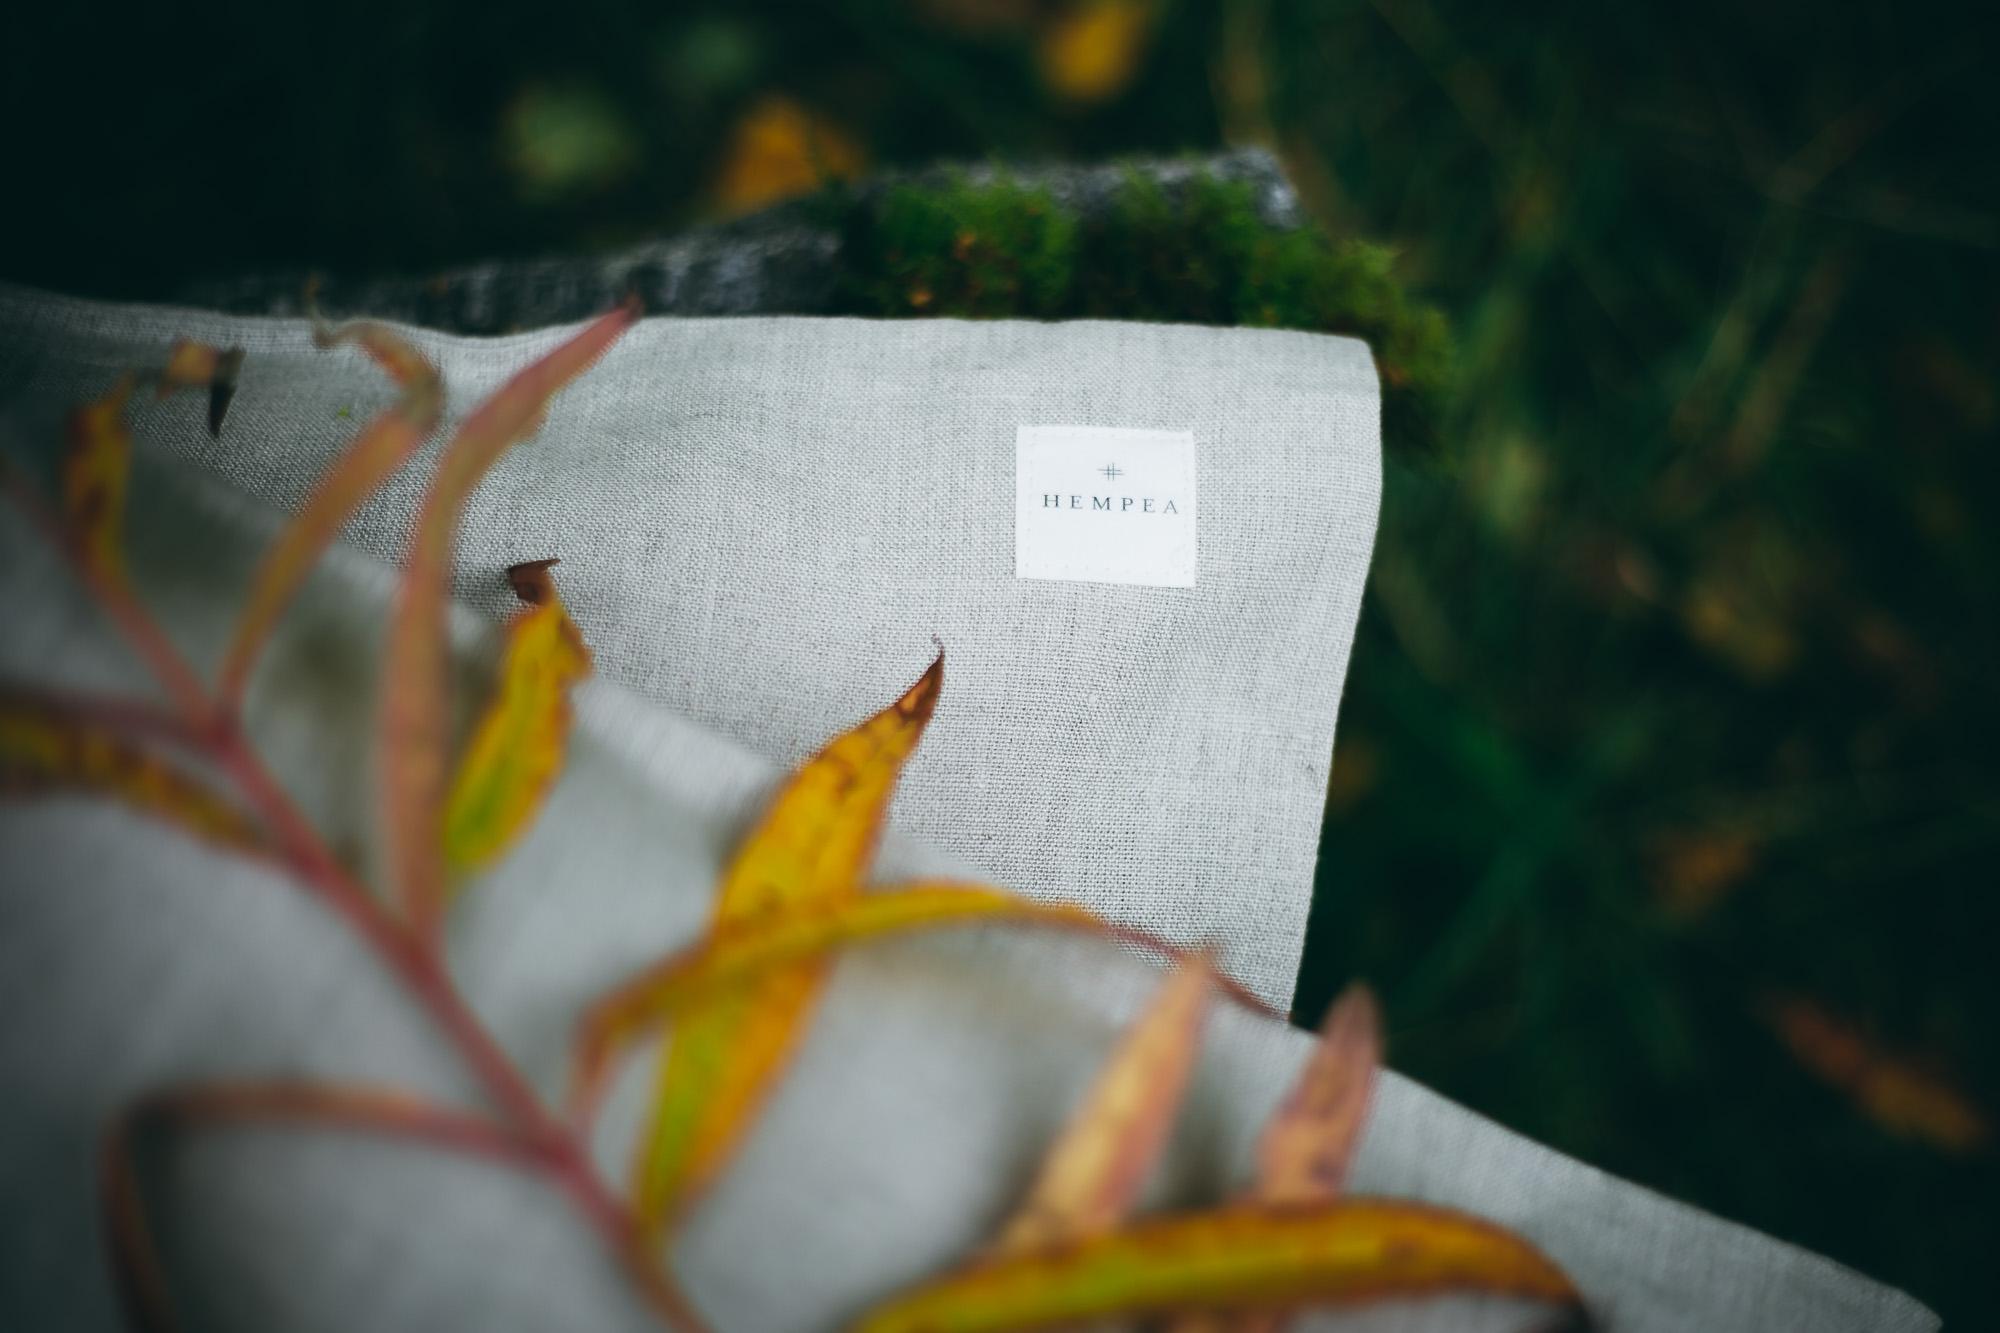 Thais FK X Hempea - The Lappish Hemp Textile Brand - The Adagio Blog